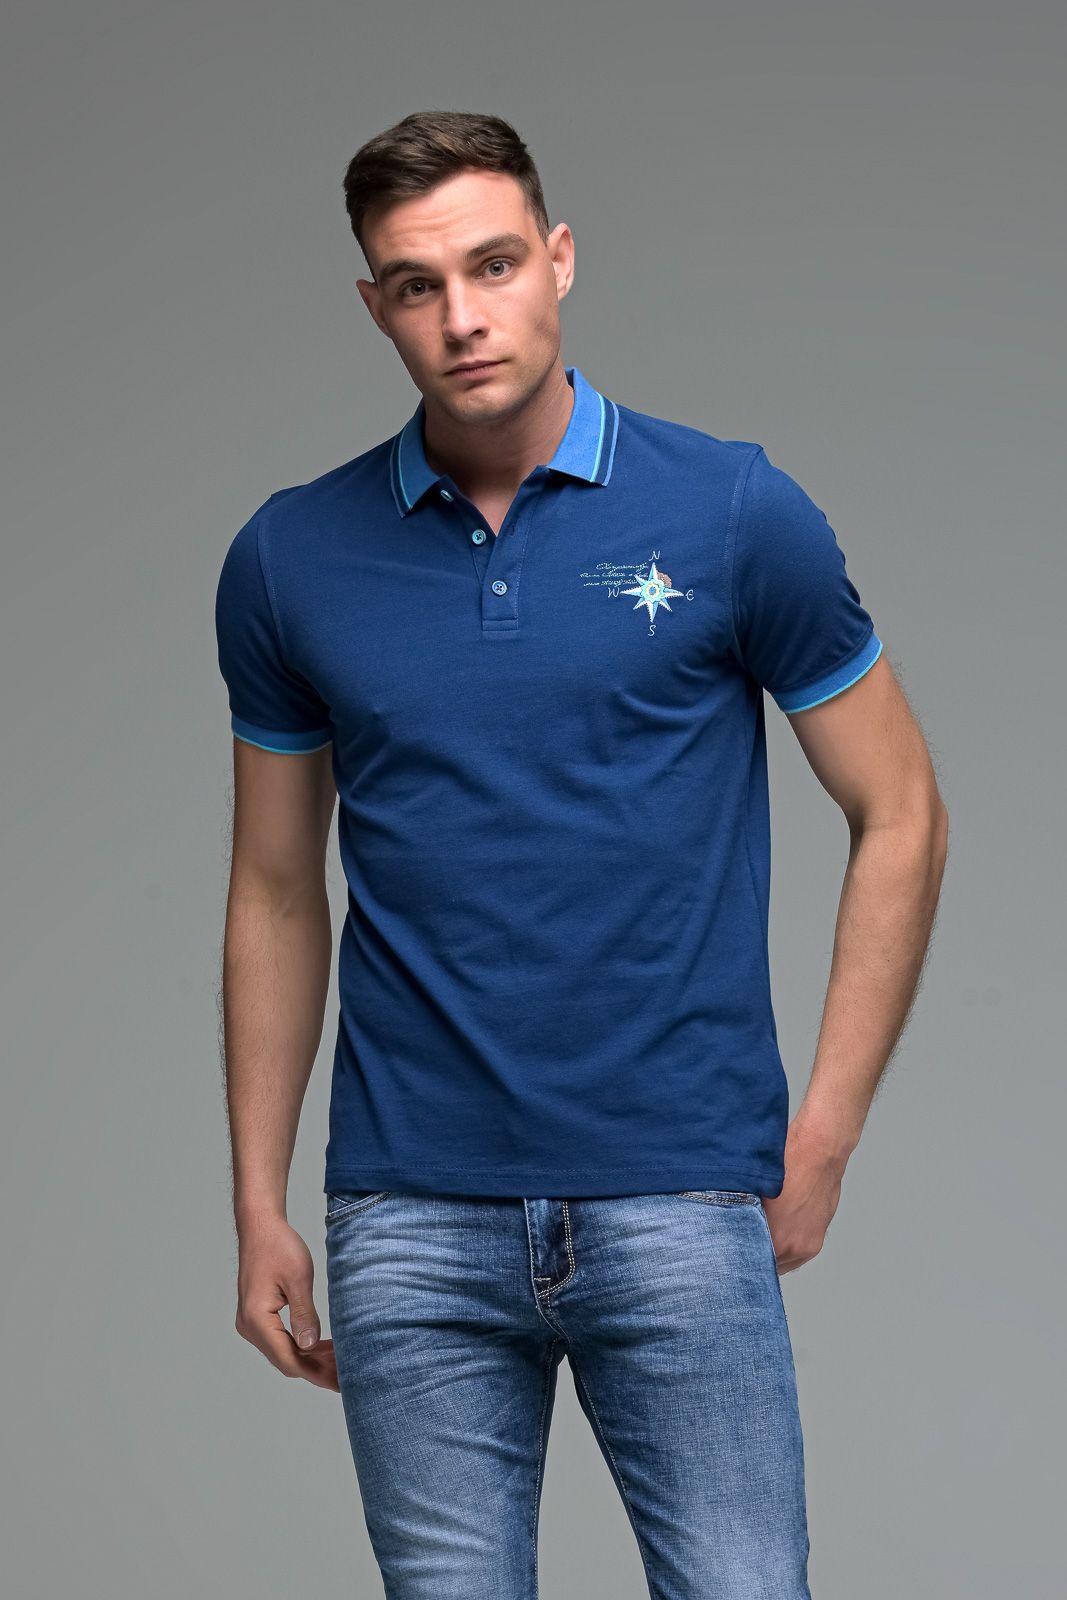 Μπλε Ανδρικό Πόλο Μπλουζάκι με Κέντημα NESW